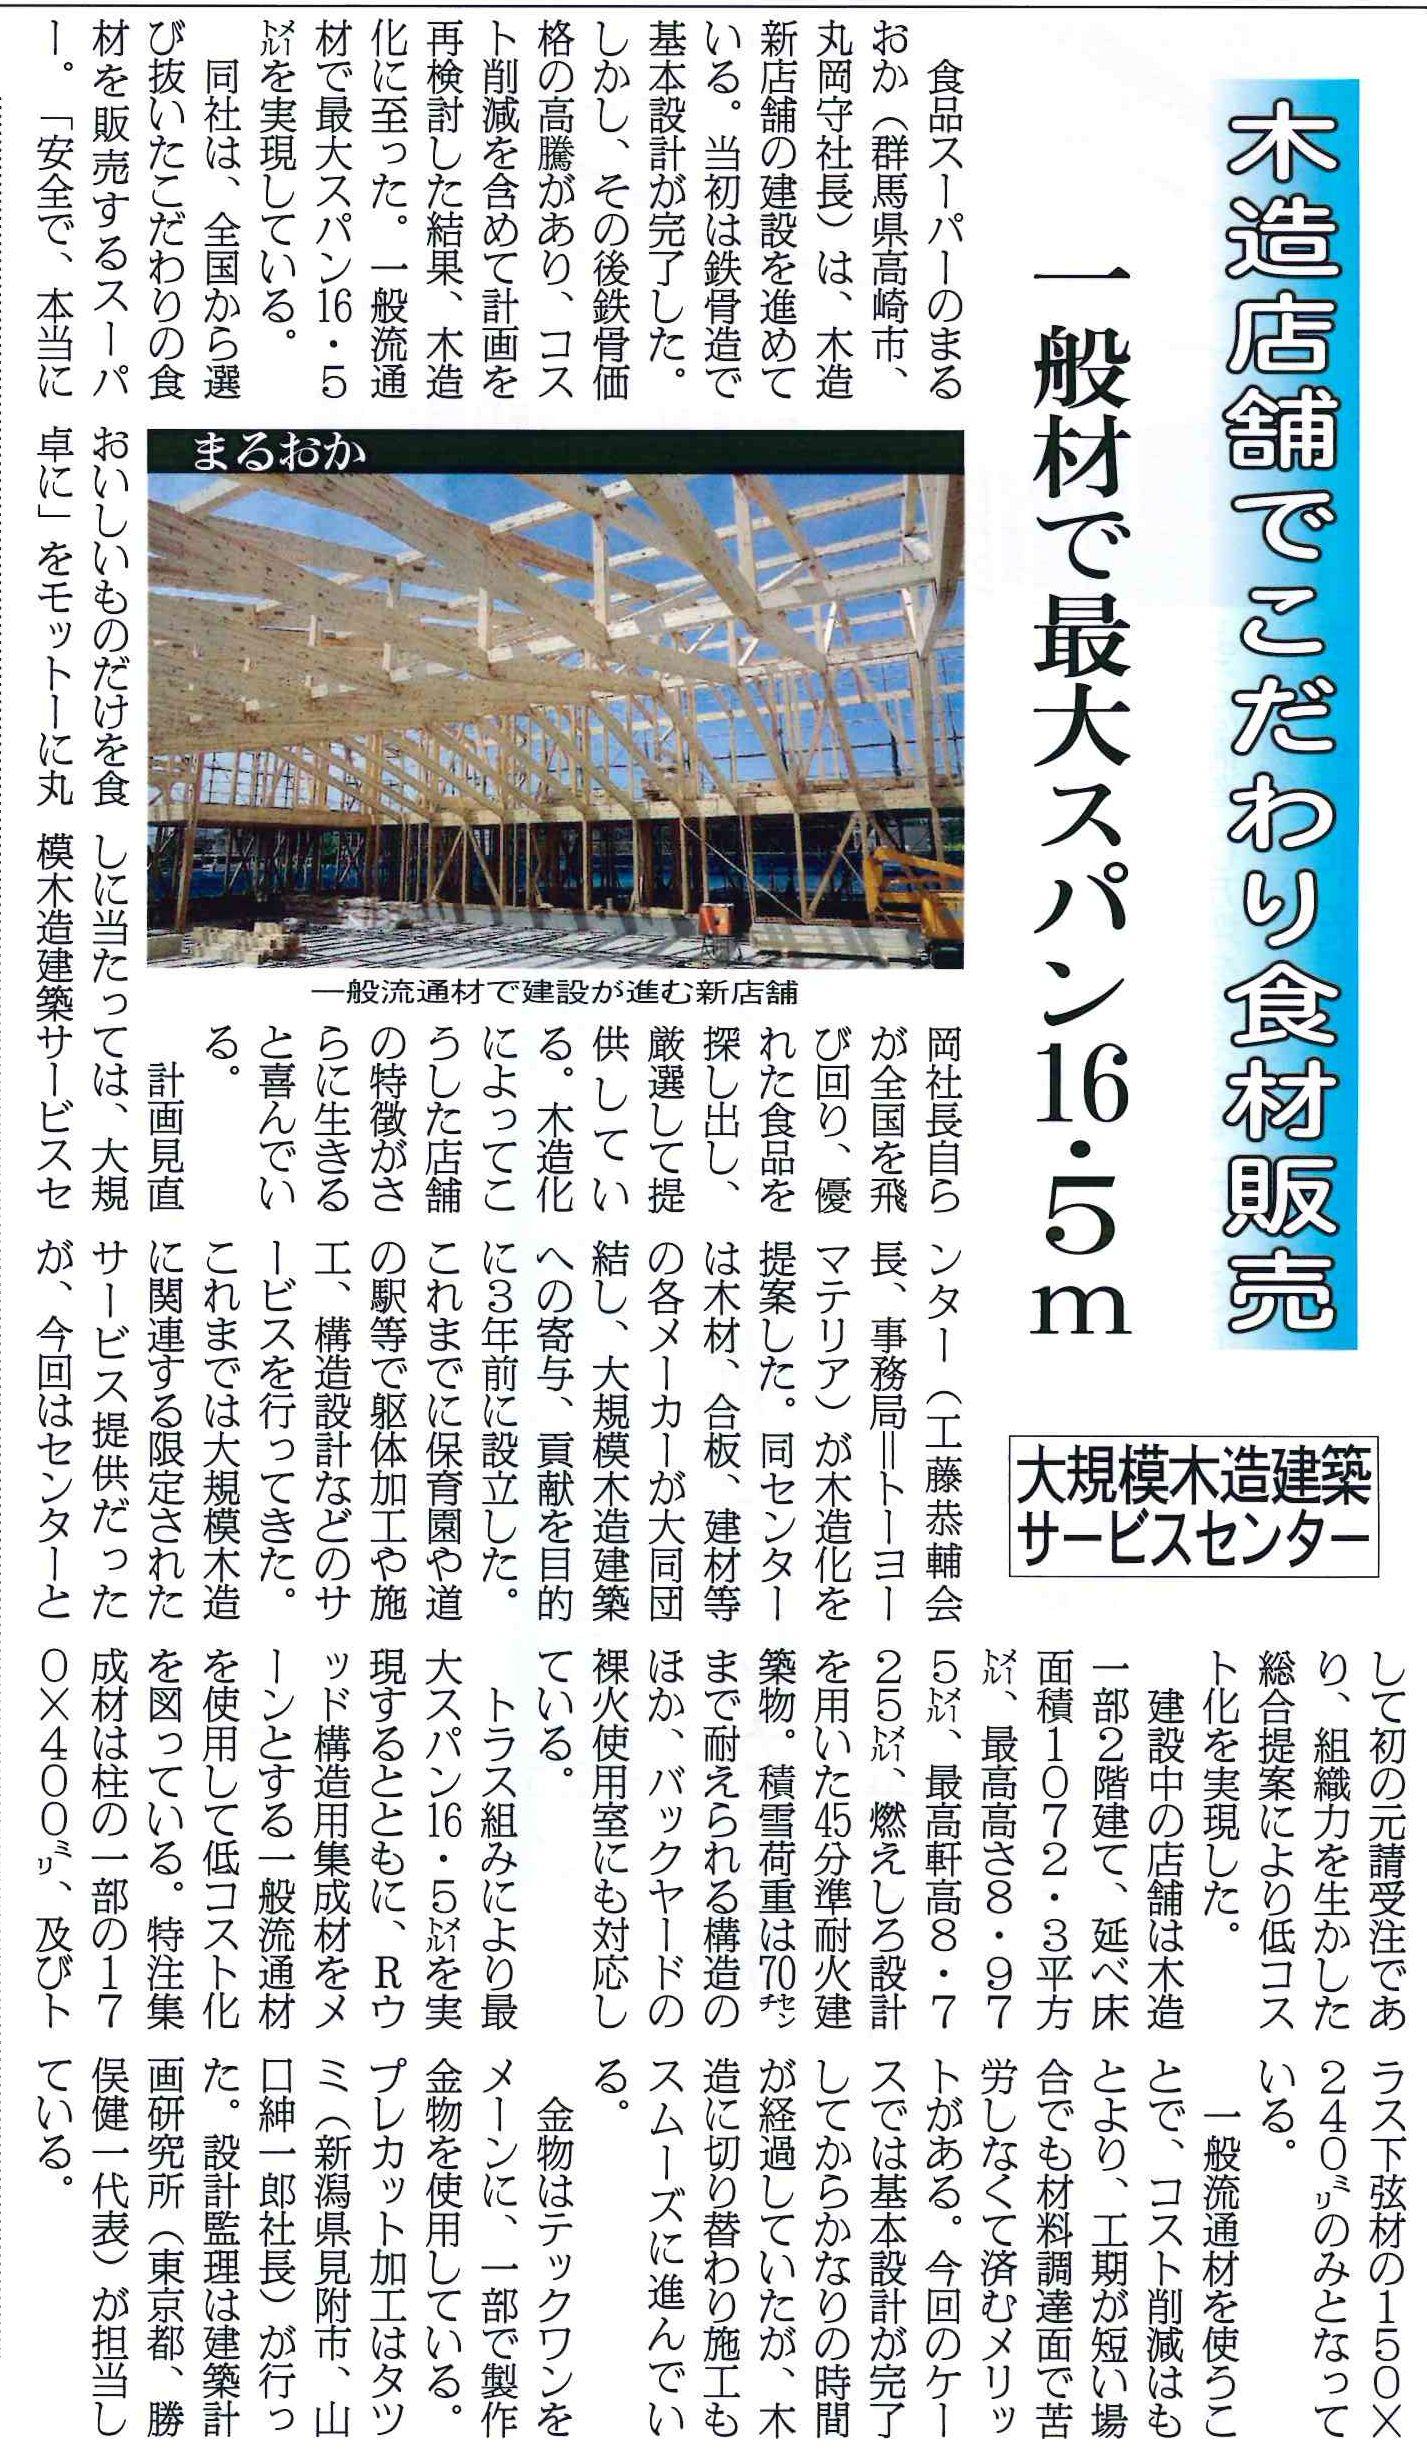 20150730日刊木材新聞-大規模木造建築サービスセンター記事